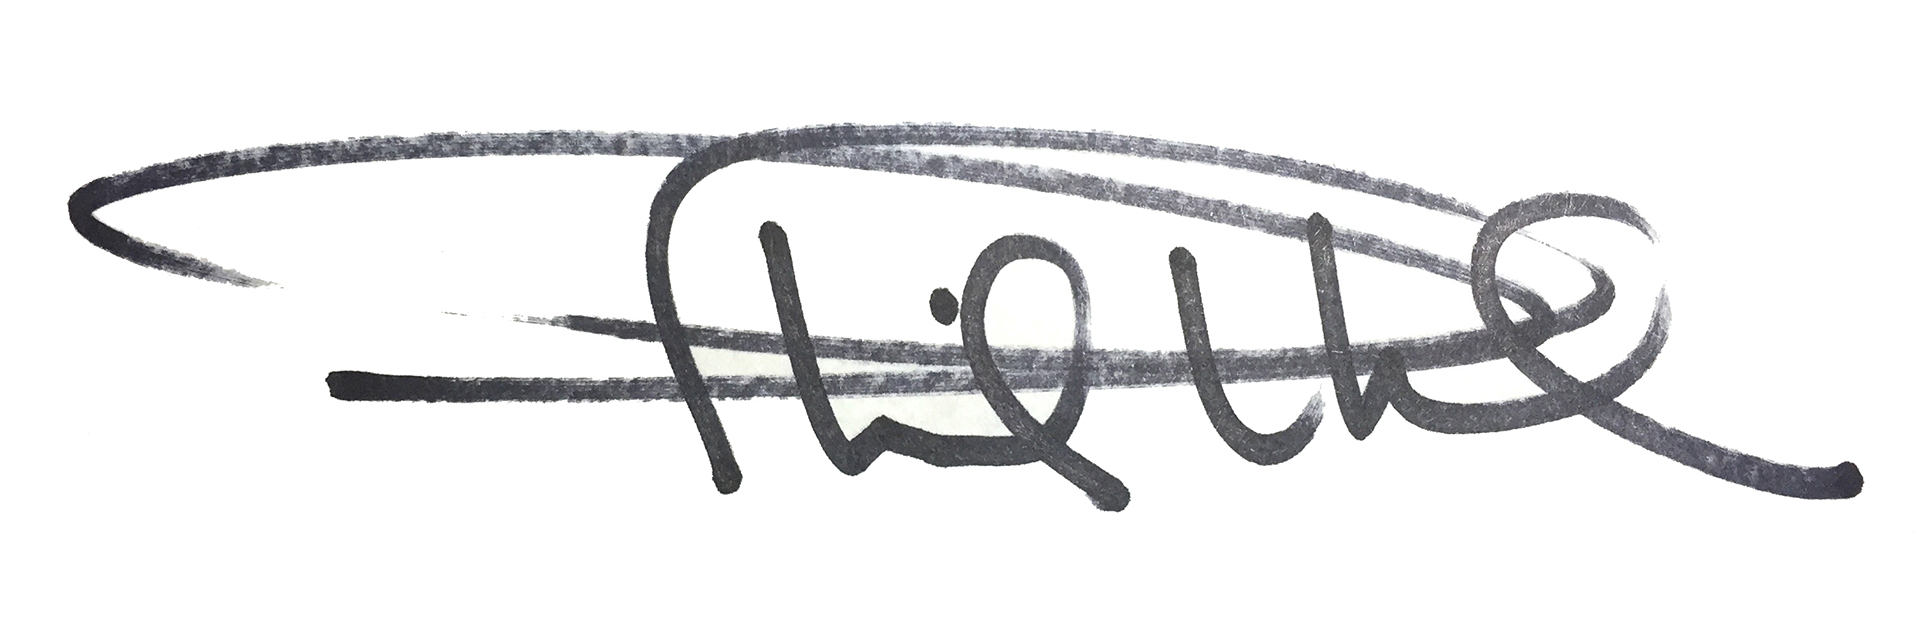 Phil Uhl Signature